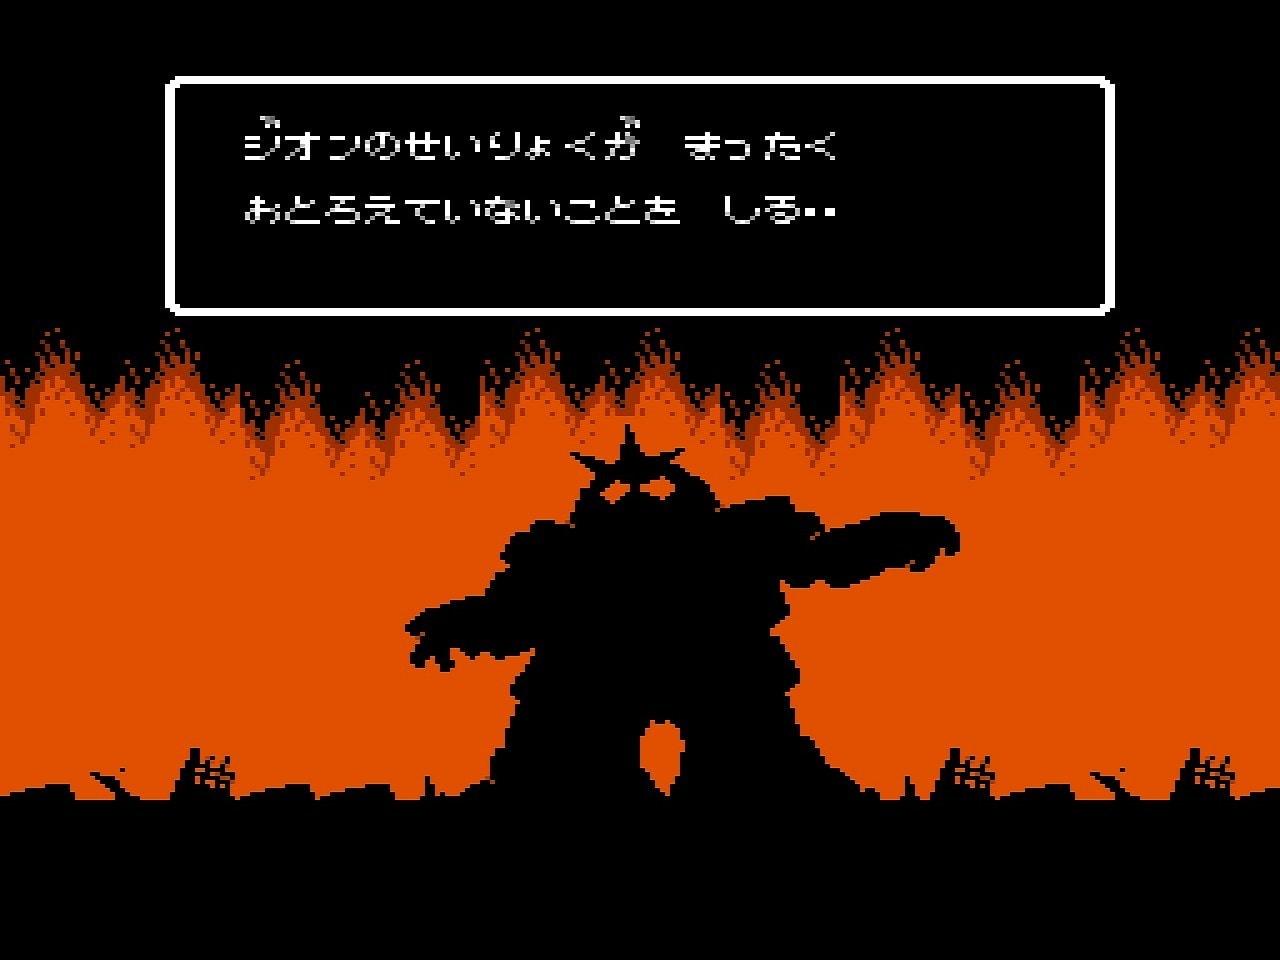 キャラゲー屈指の名作! ファミコン『SDガンダム外伝 ナイトガンダム物語』は「かゆいところに手が届く」RPGだったの画像004